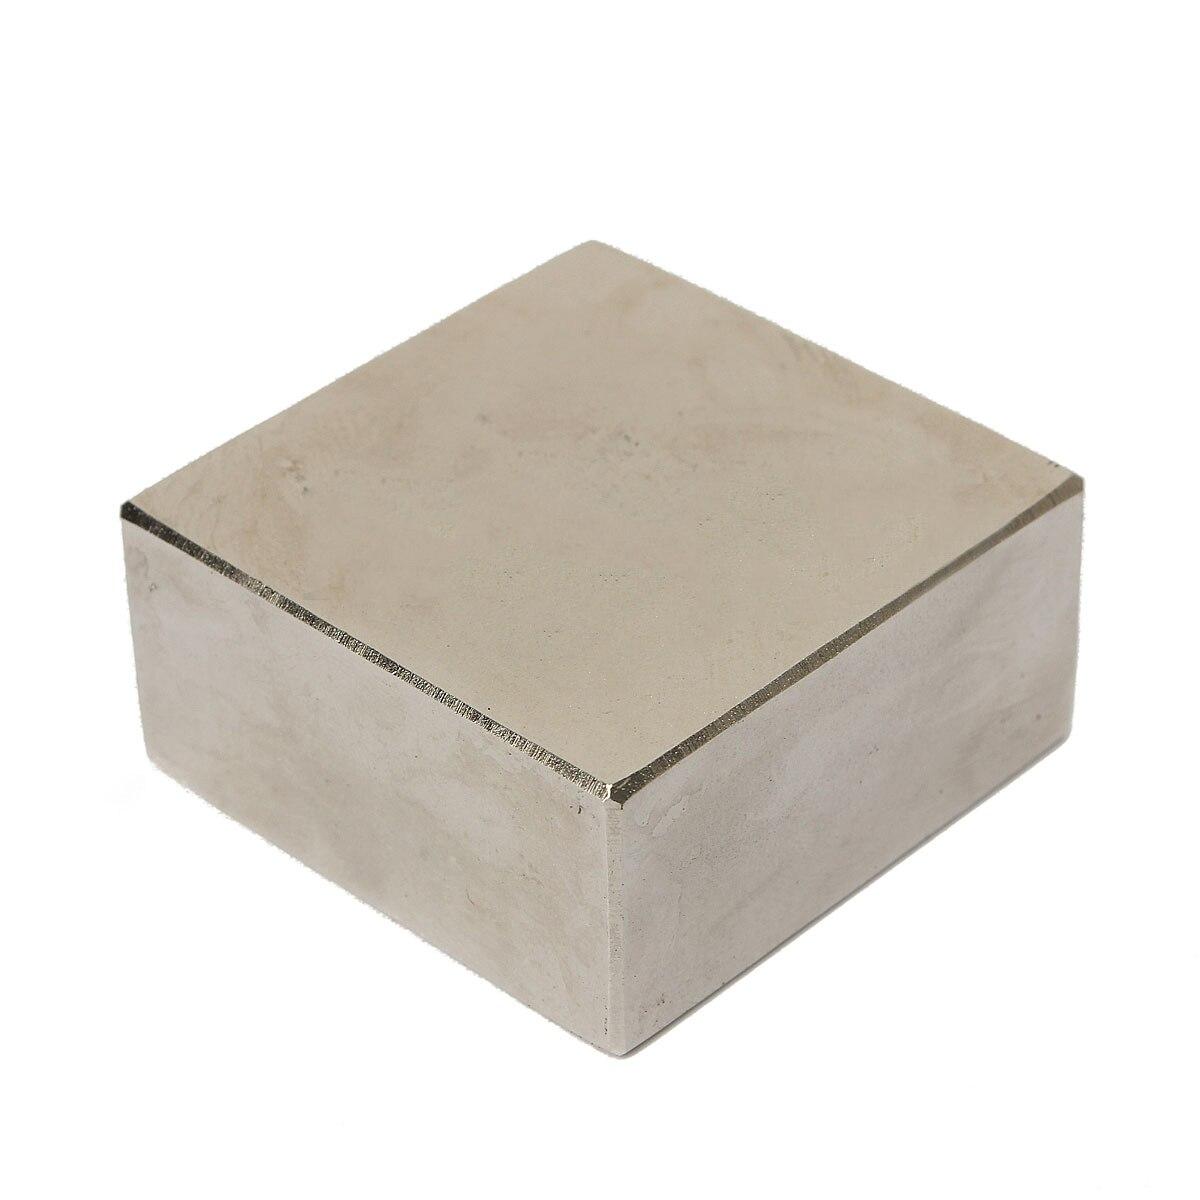 1 unid N50 neodimio NdFeB imán fuerte cuadrado cubos bloques imanes de tierras raras 45*45*20mm mayitr potente Material magnético